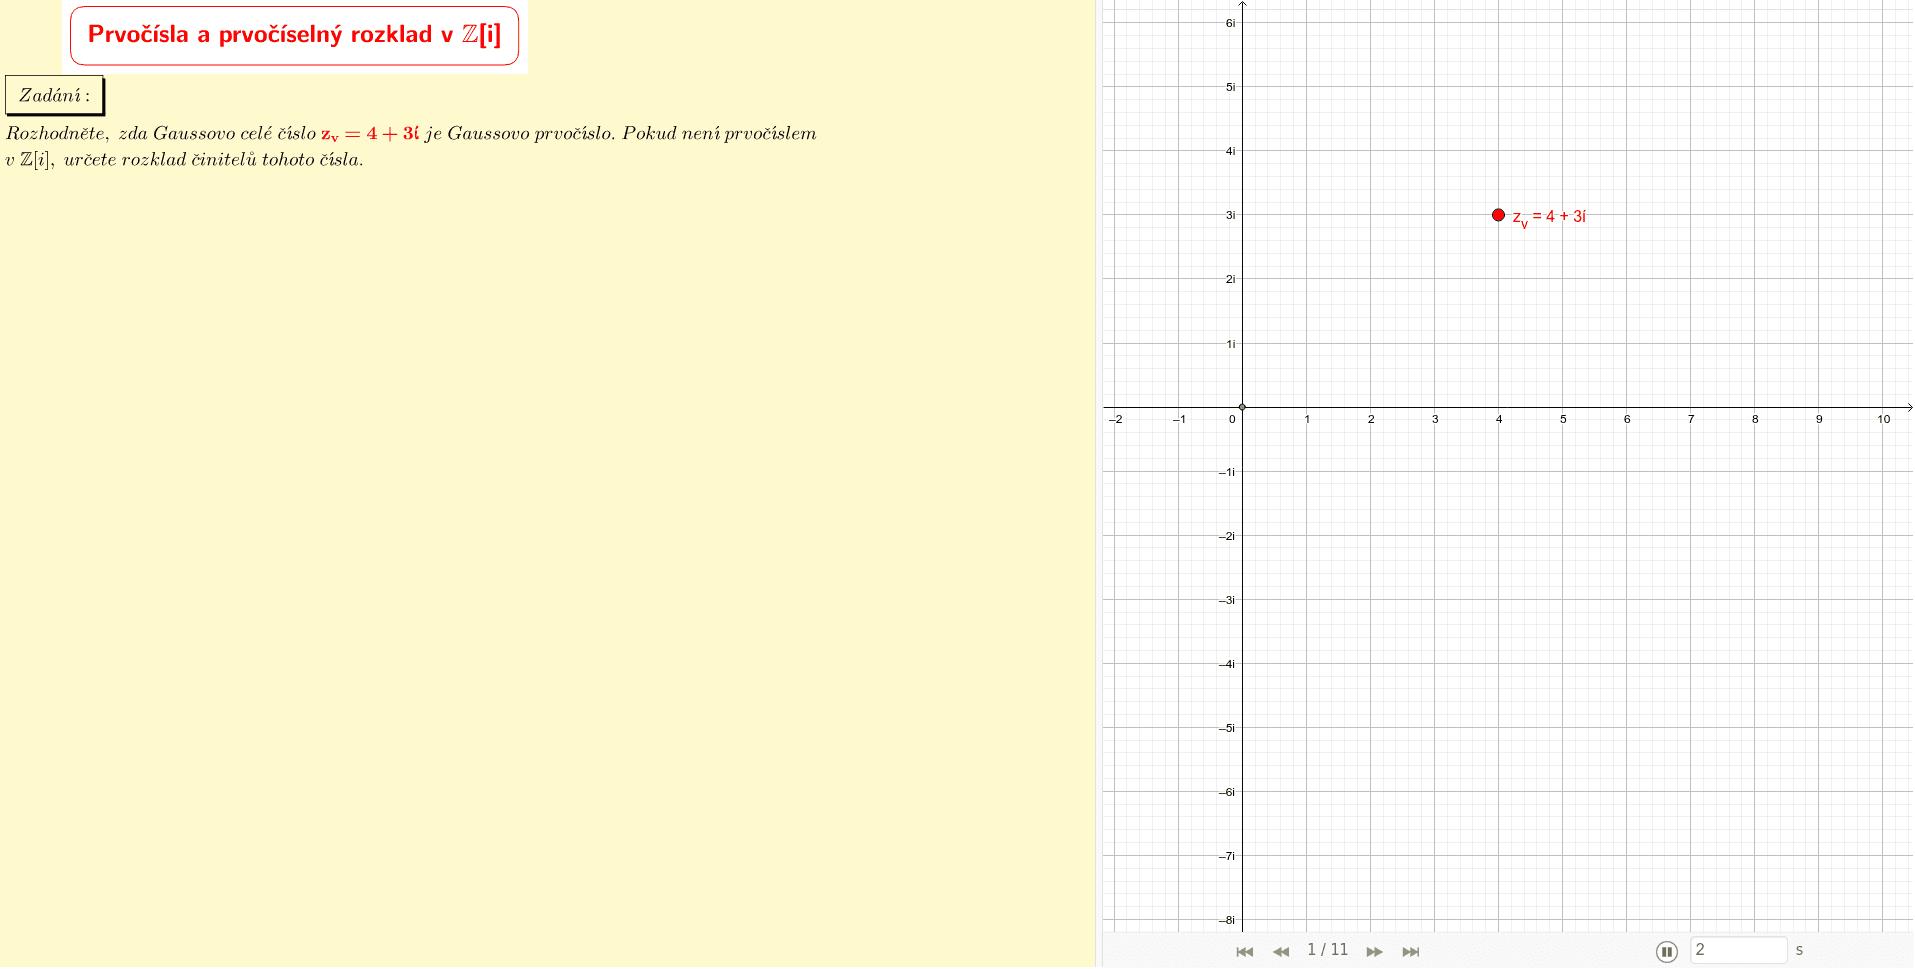 Gaussovo celé číslo z=4+3i v komplexní rovině